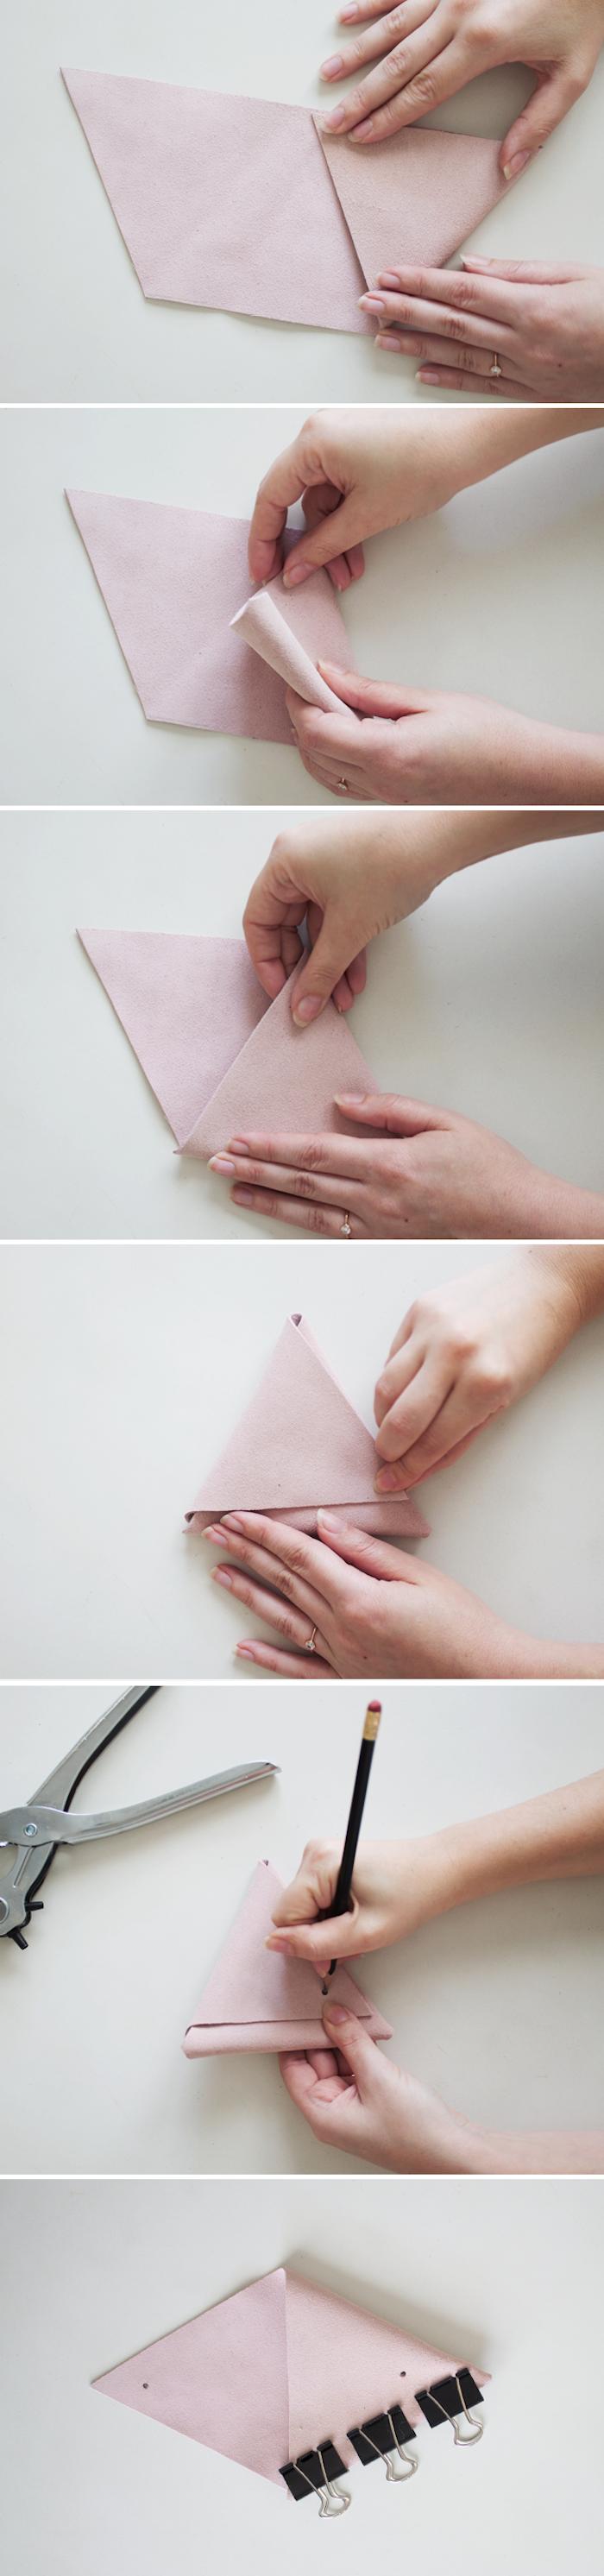 comment faire un porte monnaie simple sans coudre en simili cuir de couleur rose, activité manuelle adulte pour faire cadeau maison